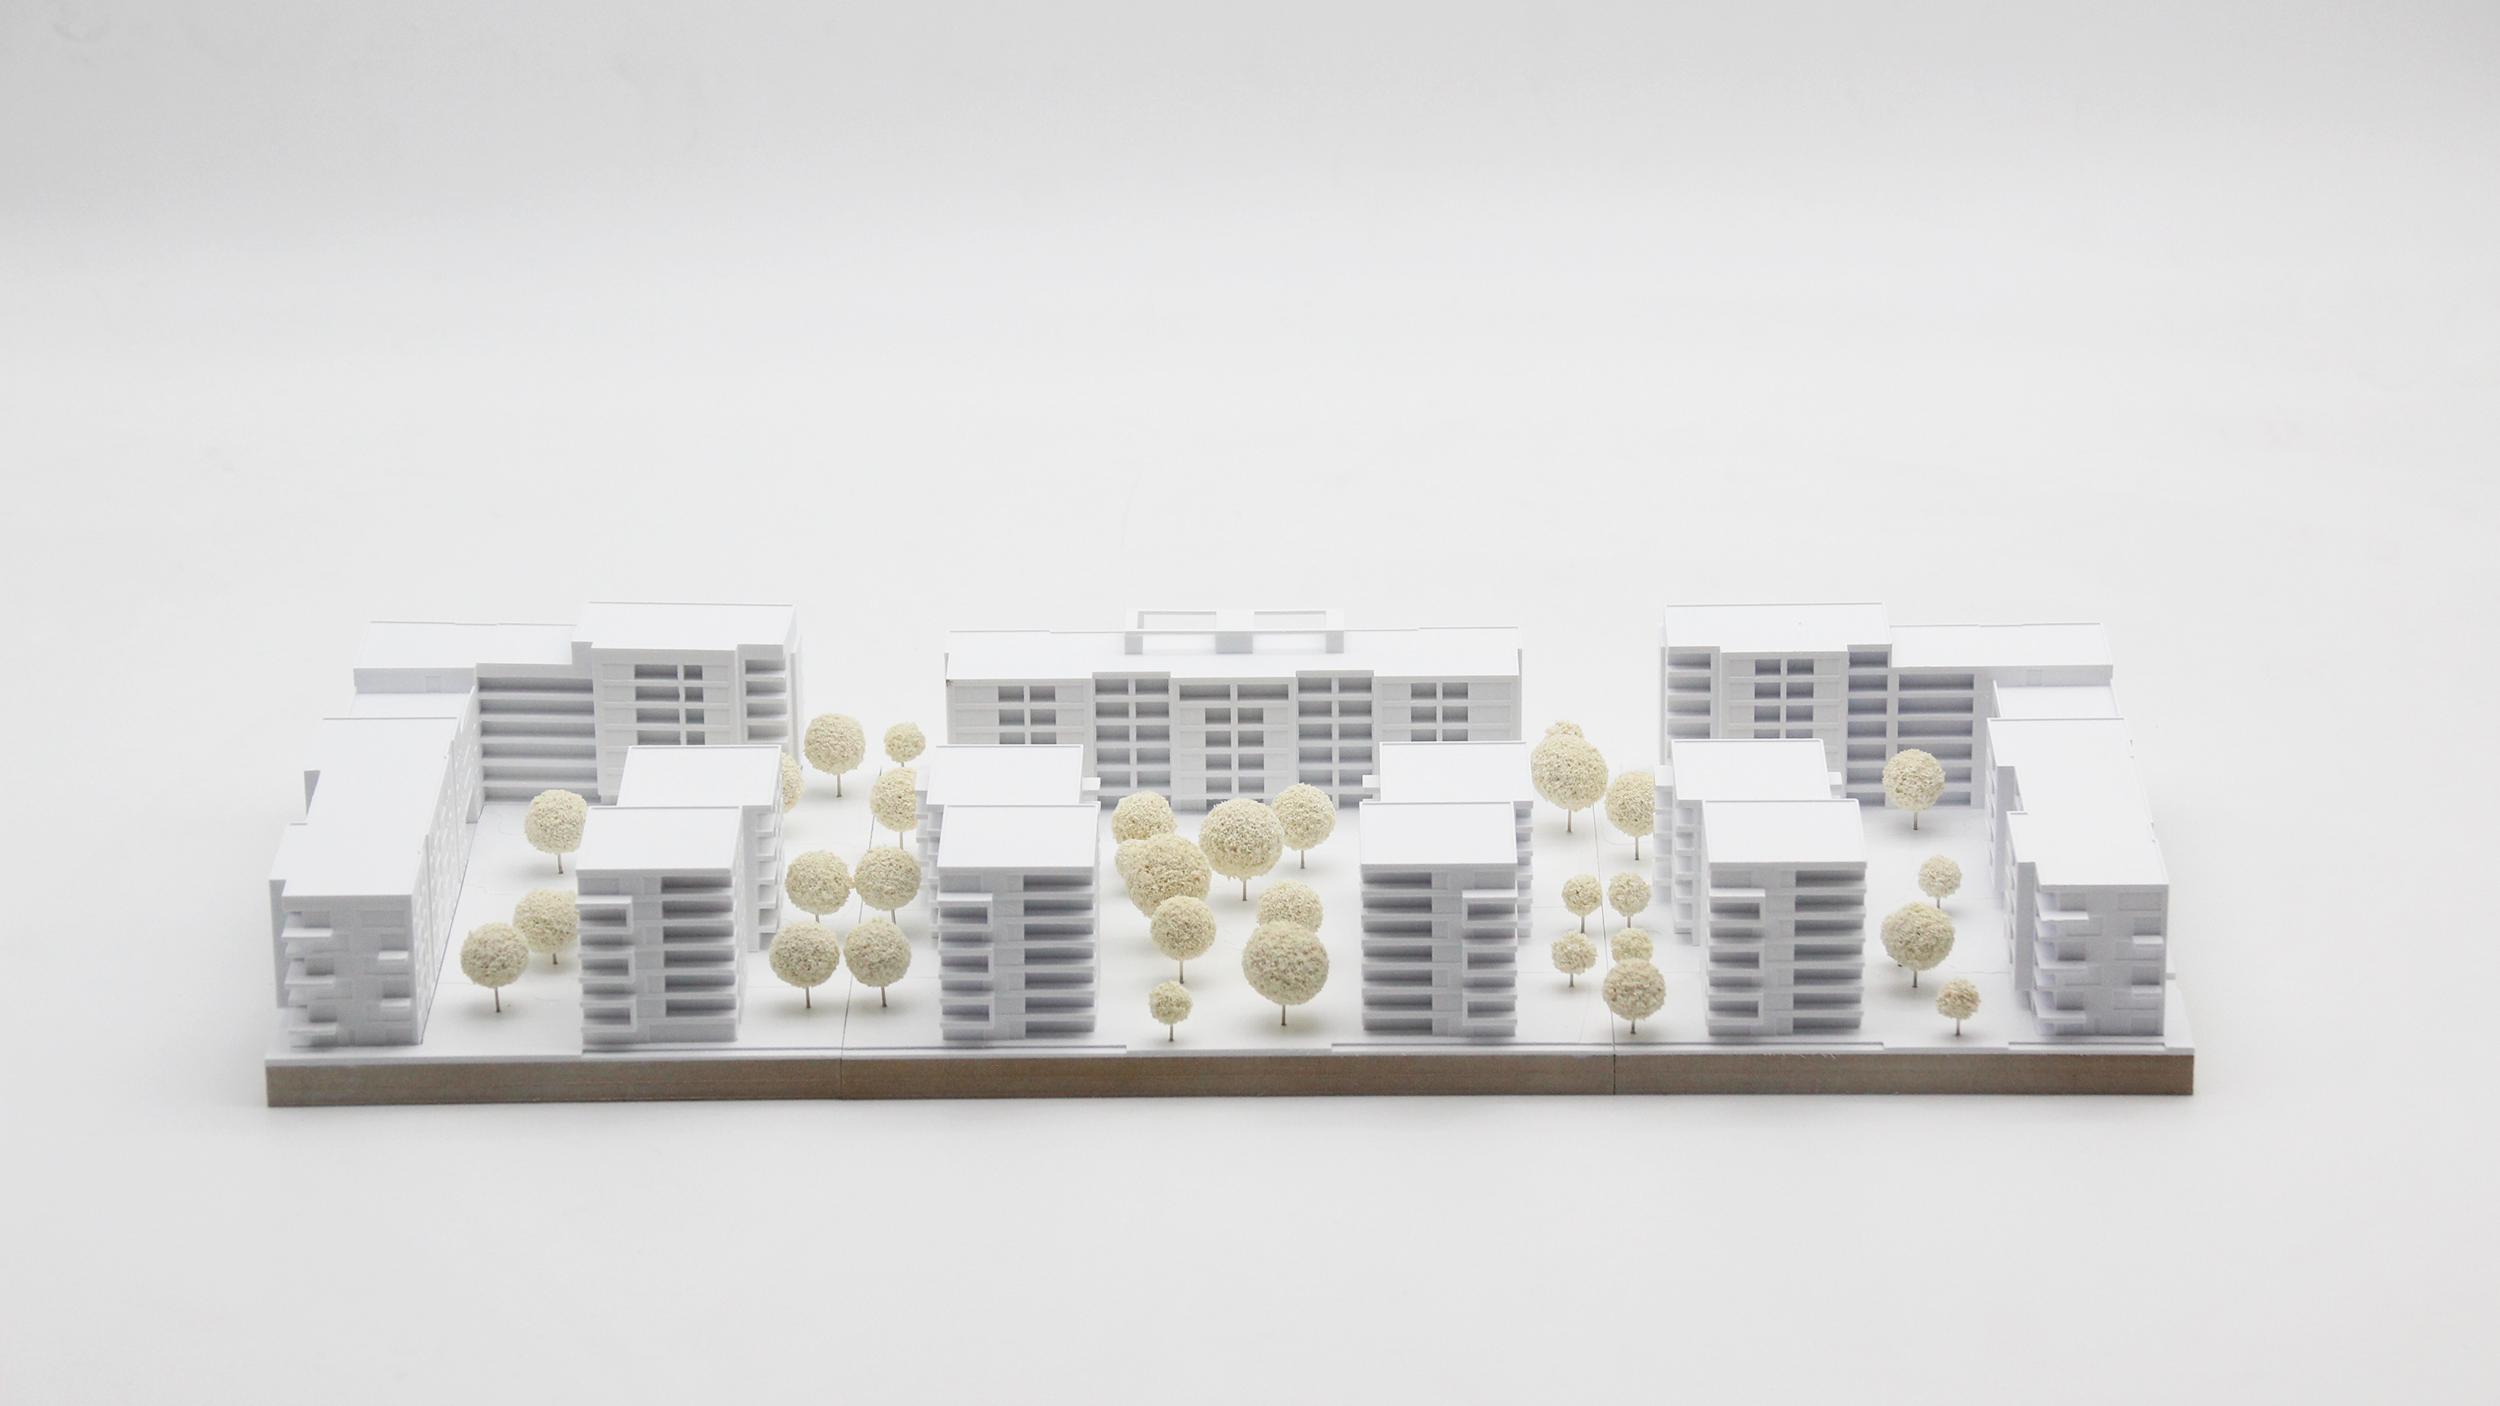 Modellbau in der Architektur und Bauwesen realisiert mittels additiven Fertigungsverfahren